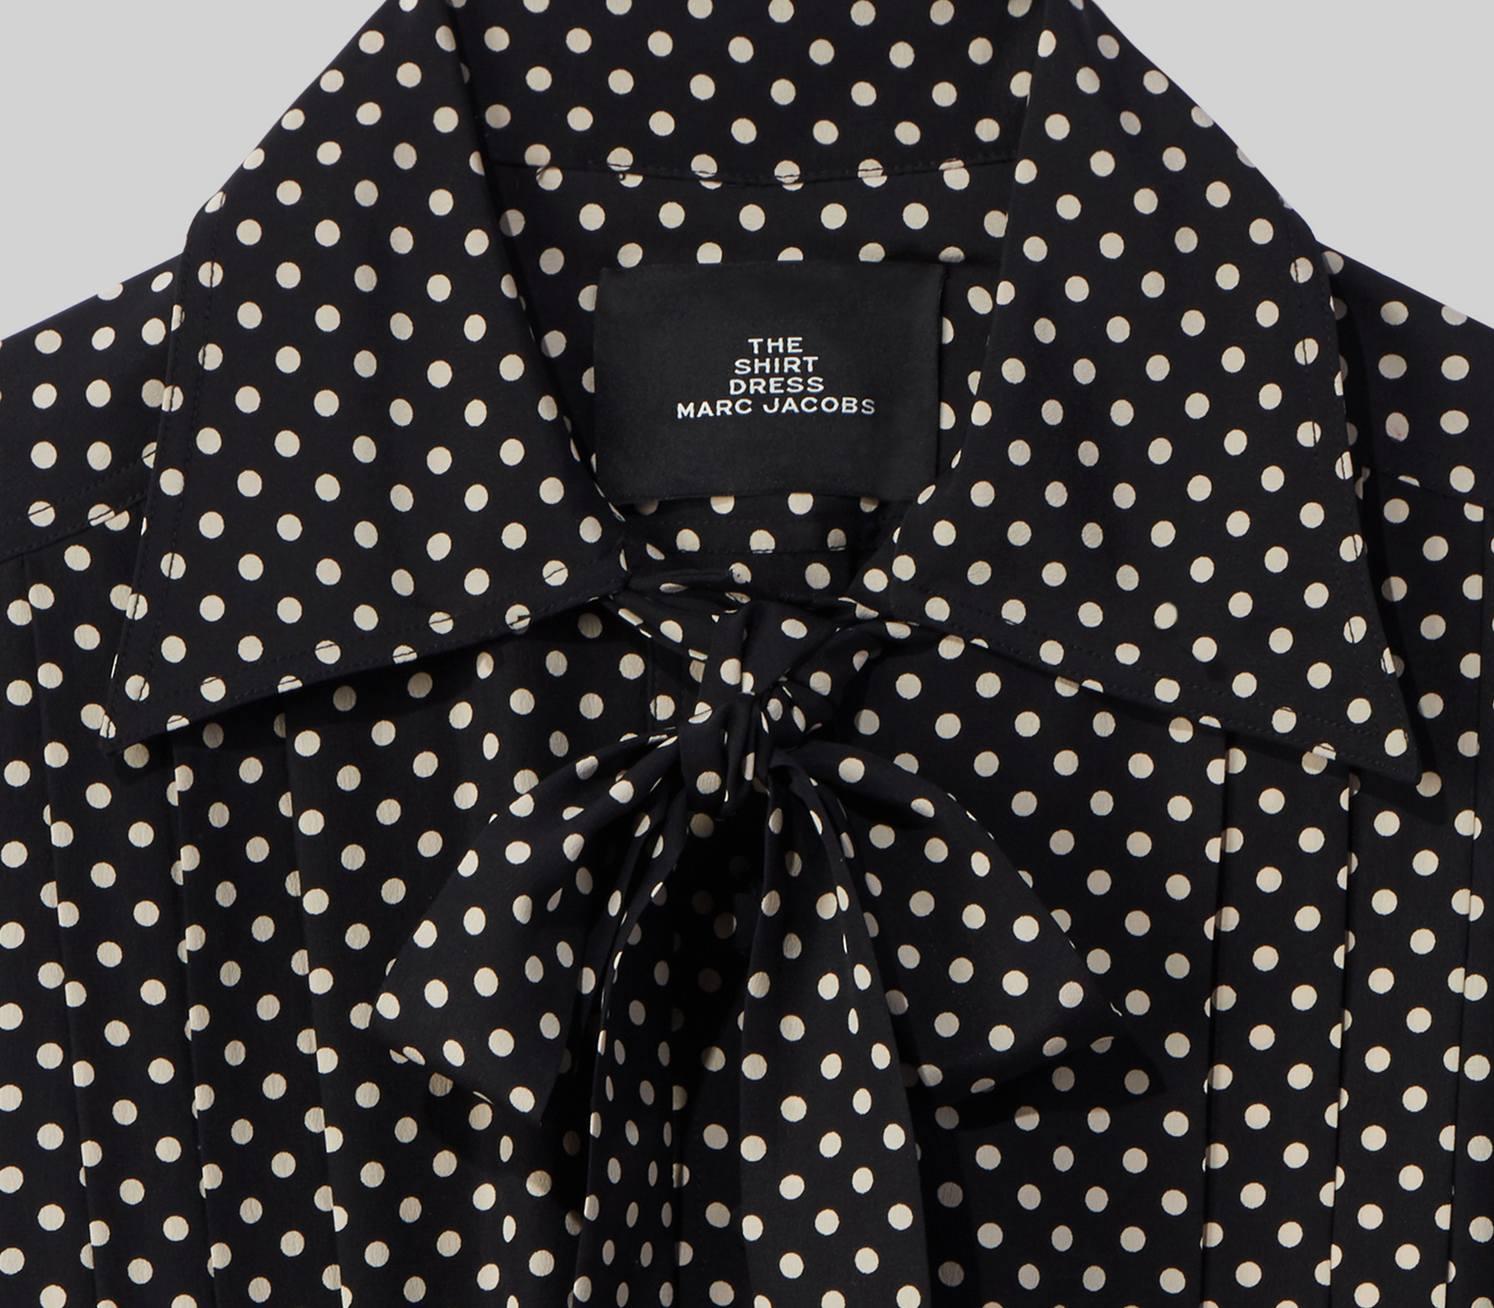 MARC JACOBS Shirt Dress